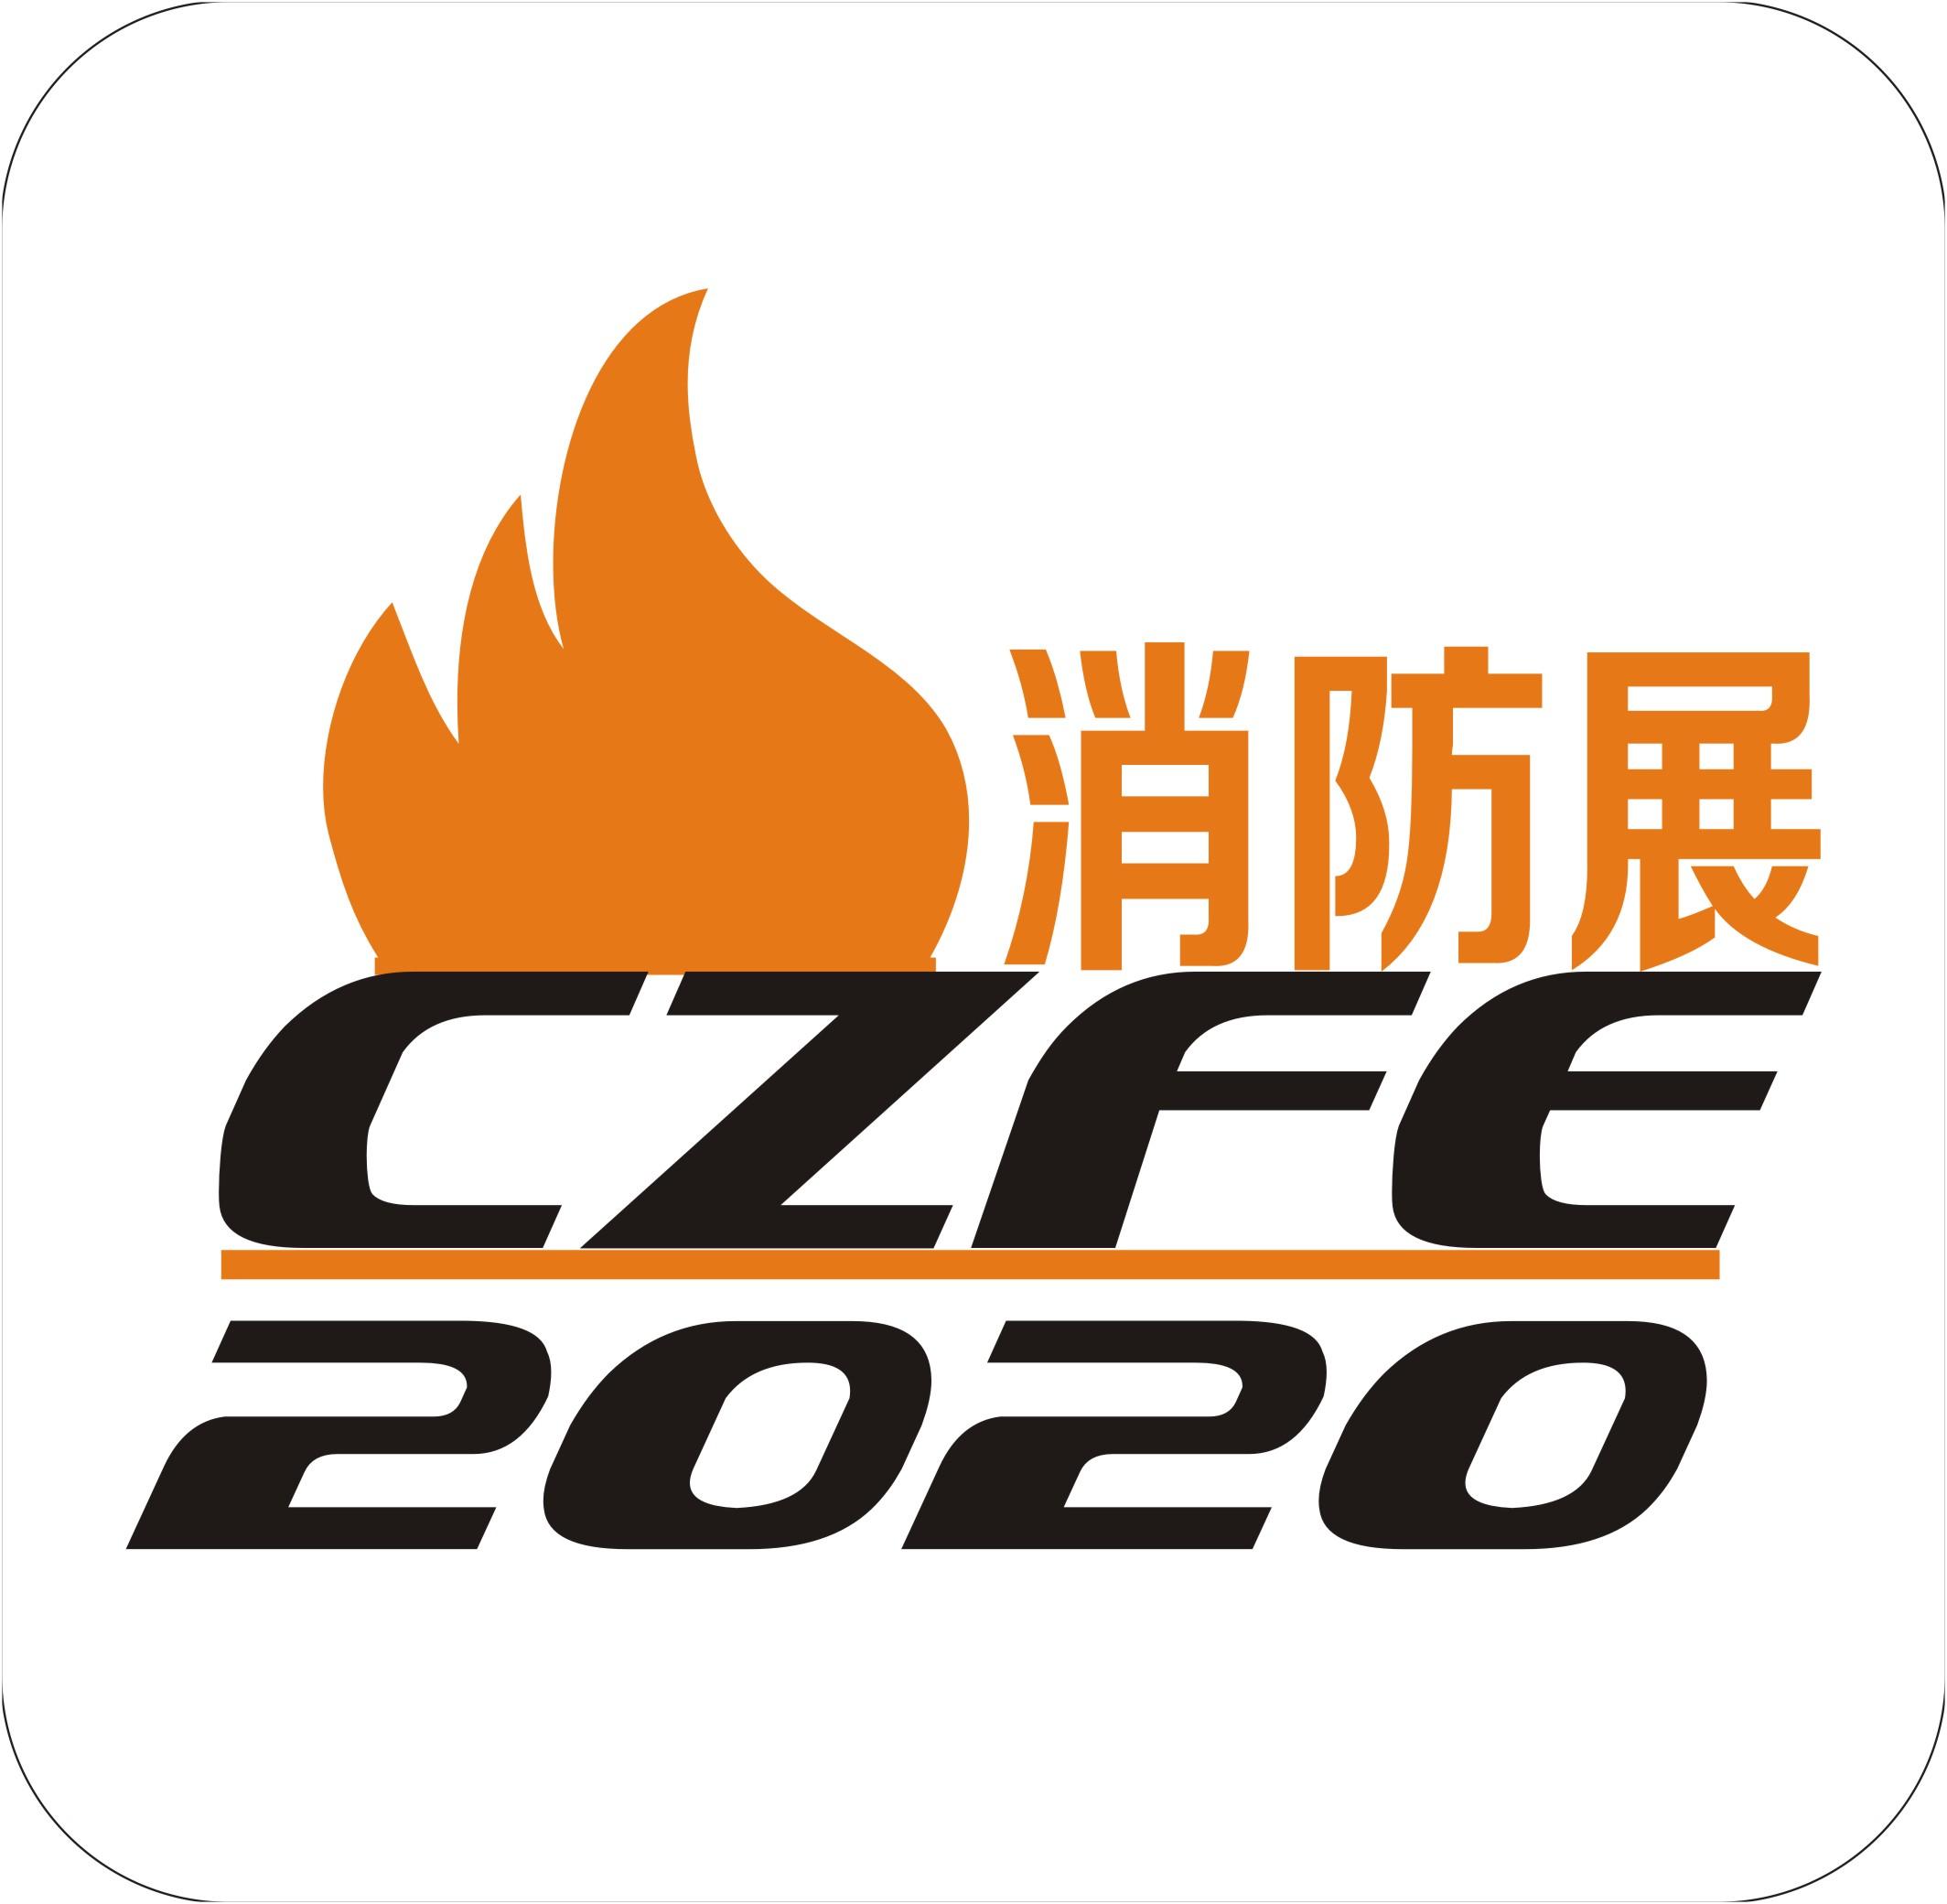 中部消防展|2020郑州消防展|河南消防展 -发布